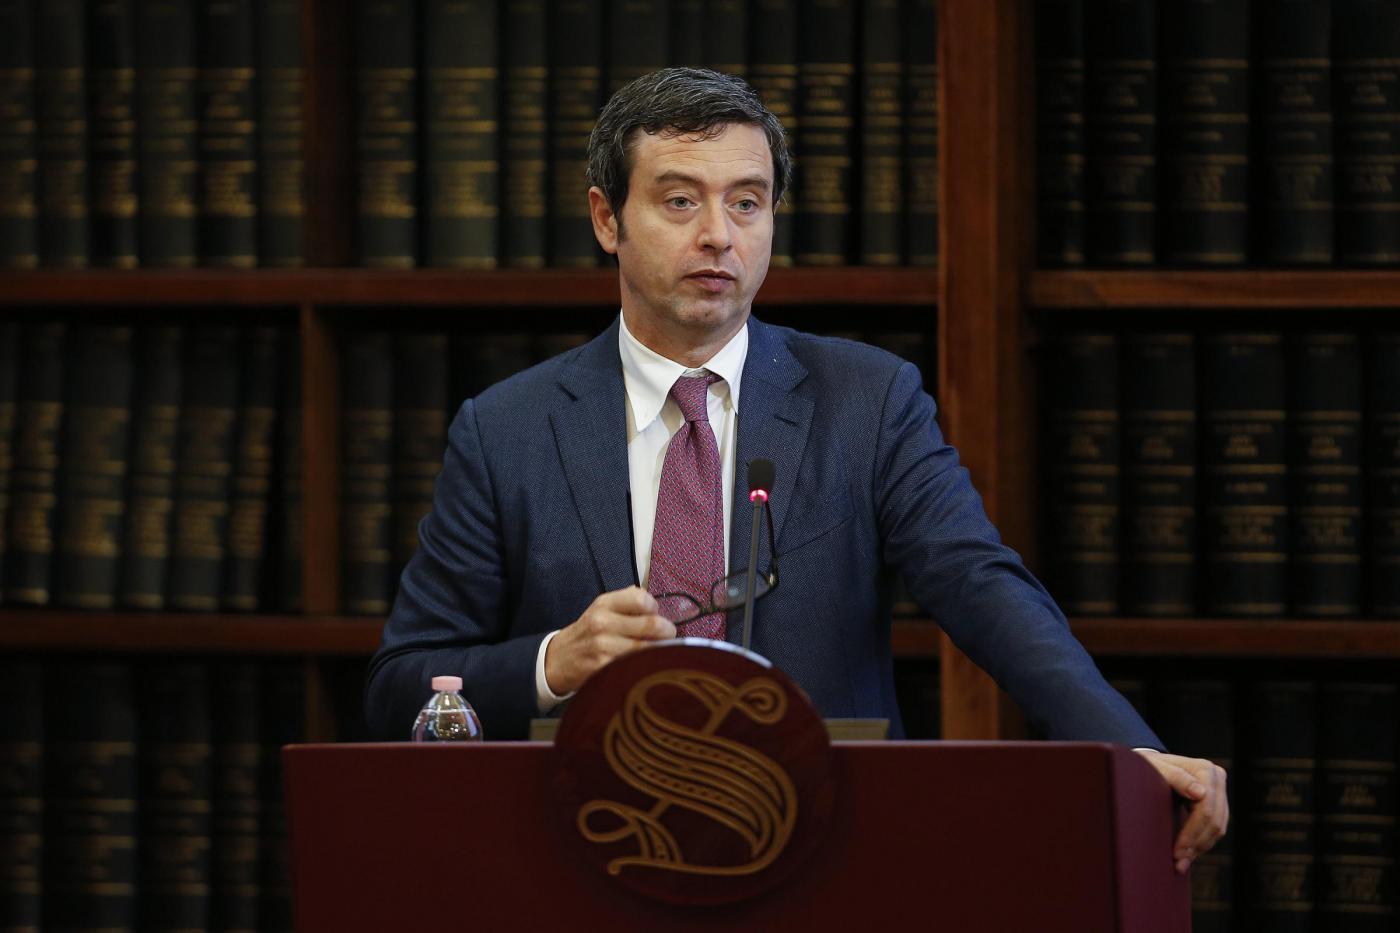 Chi è Andrea Orlando, ministro della Giustizia del governo Gentiloni